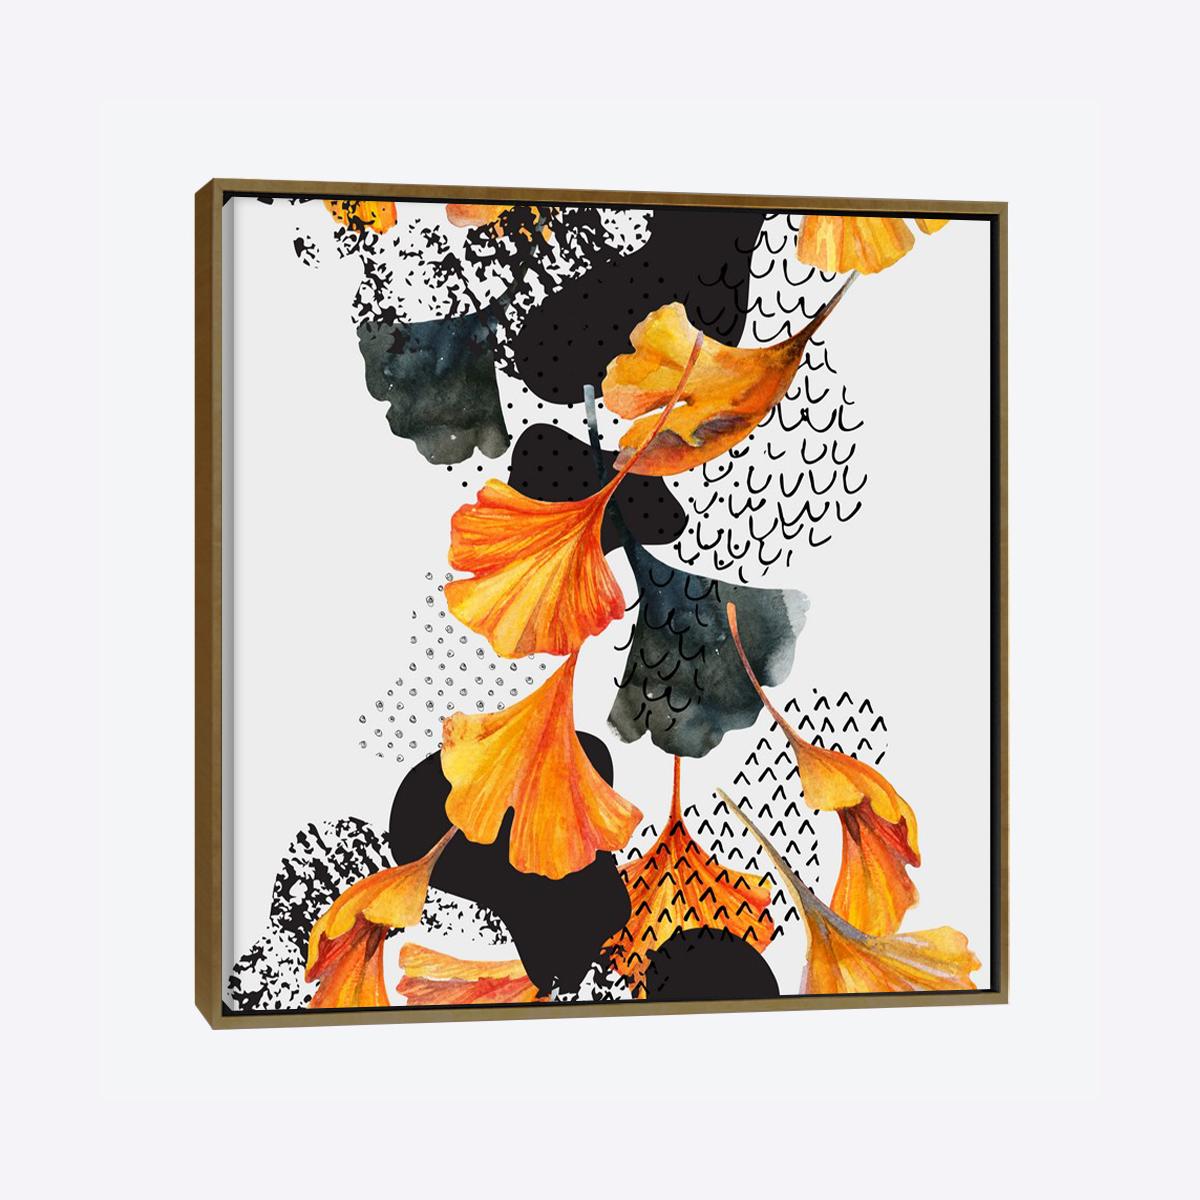 لوحات جدارية - أوراق الجنكه باللونين الأسود والبرتقالي - لوحات جدارية - لوحات فنية مميزة - لوحة حائط مفعمة بألوان الأزهار والروح الطبيعية التي تبعثها لوحات الأزهار الفنية حيث تعطي سلام وذوق رفيع يتناسب مع جميع أثاثكم